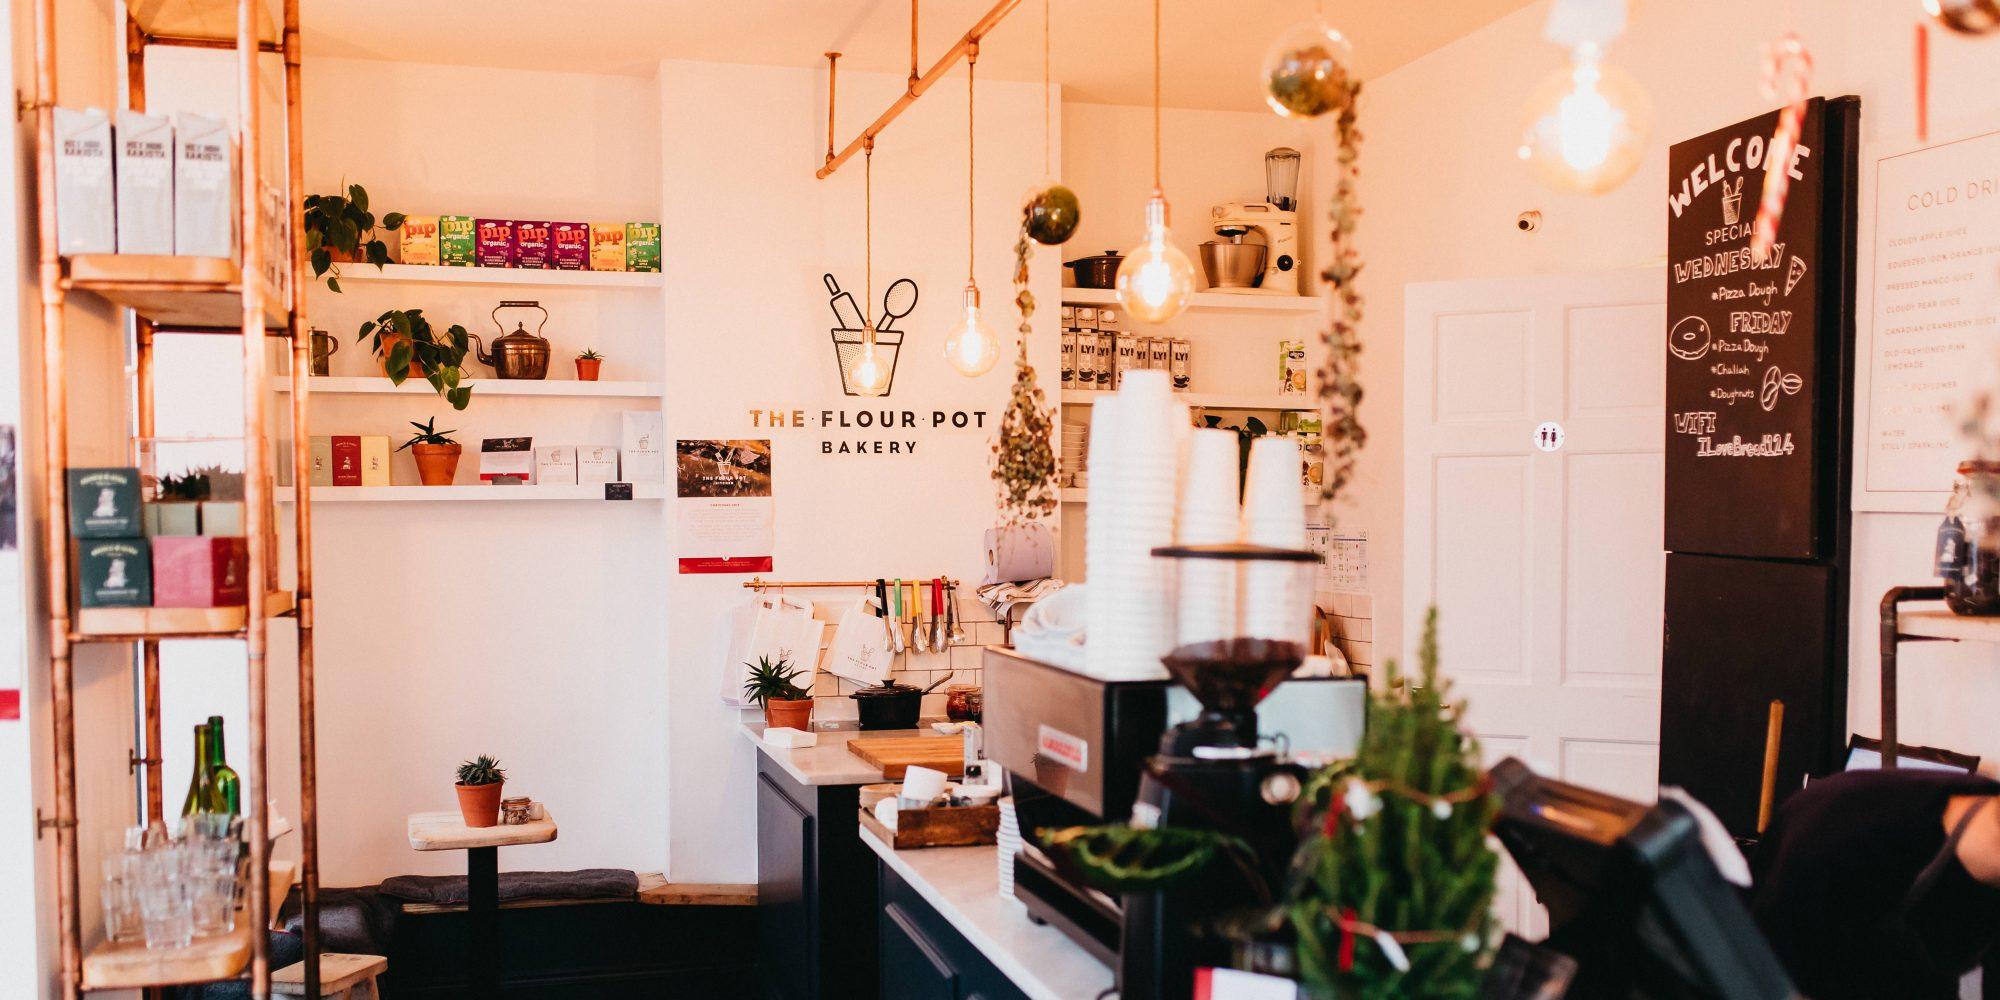 The Flour Pot Bakery (Elm Grove)